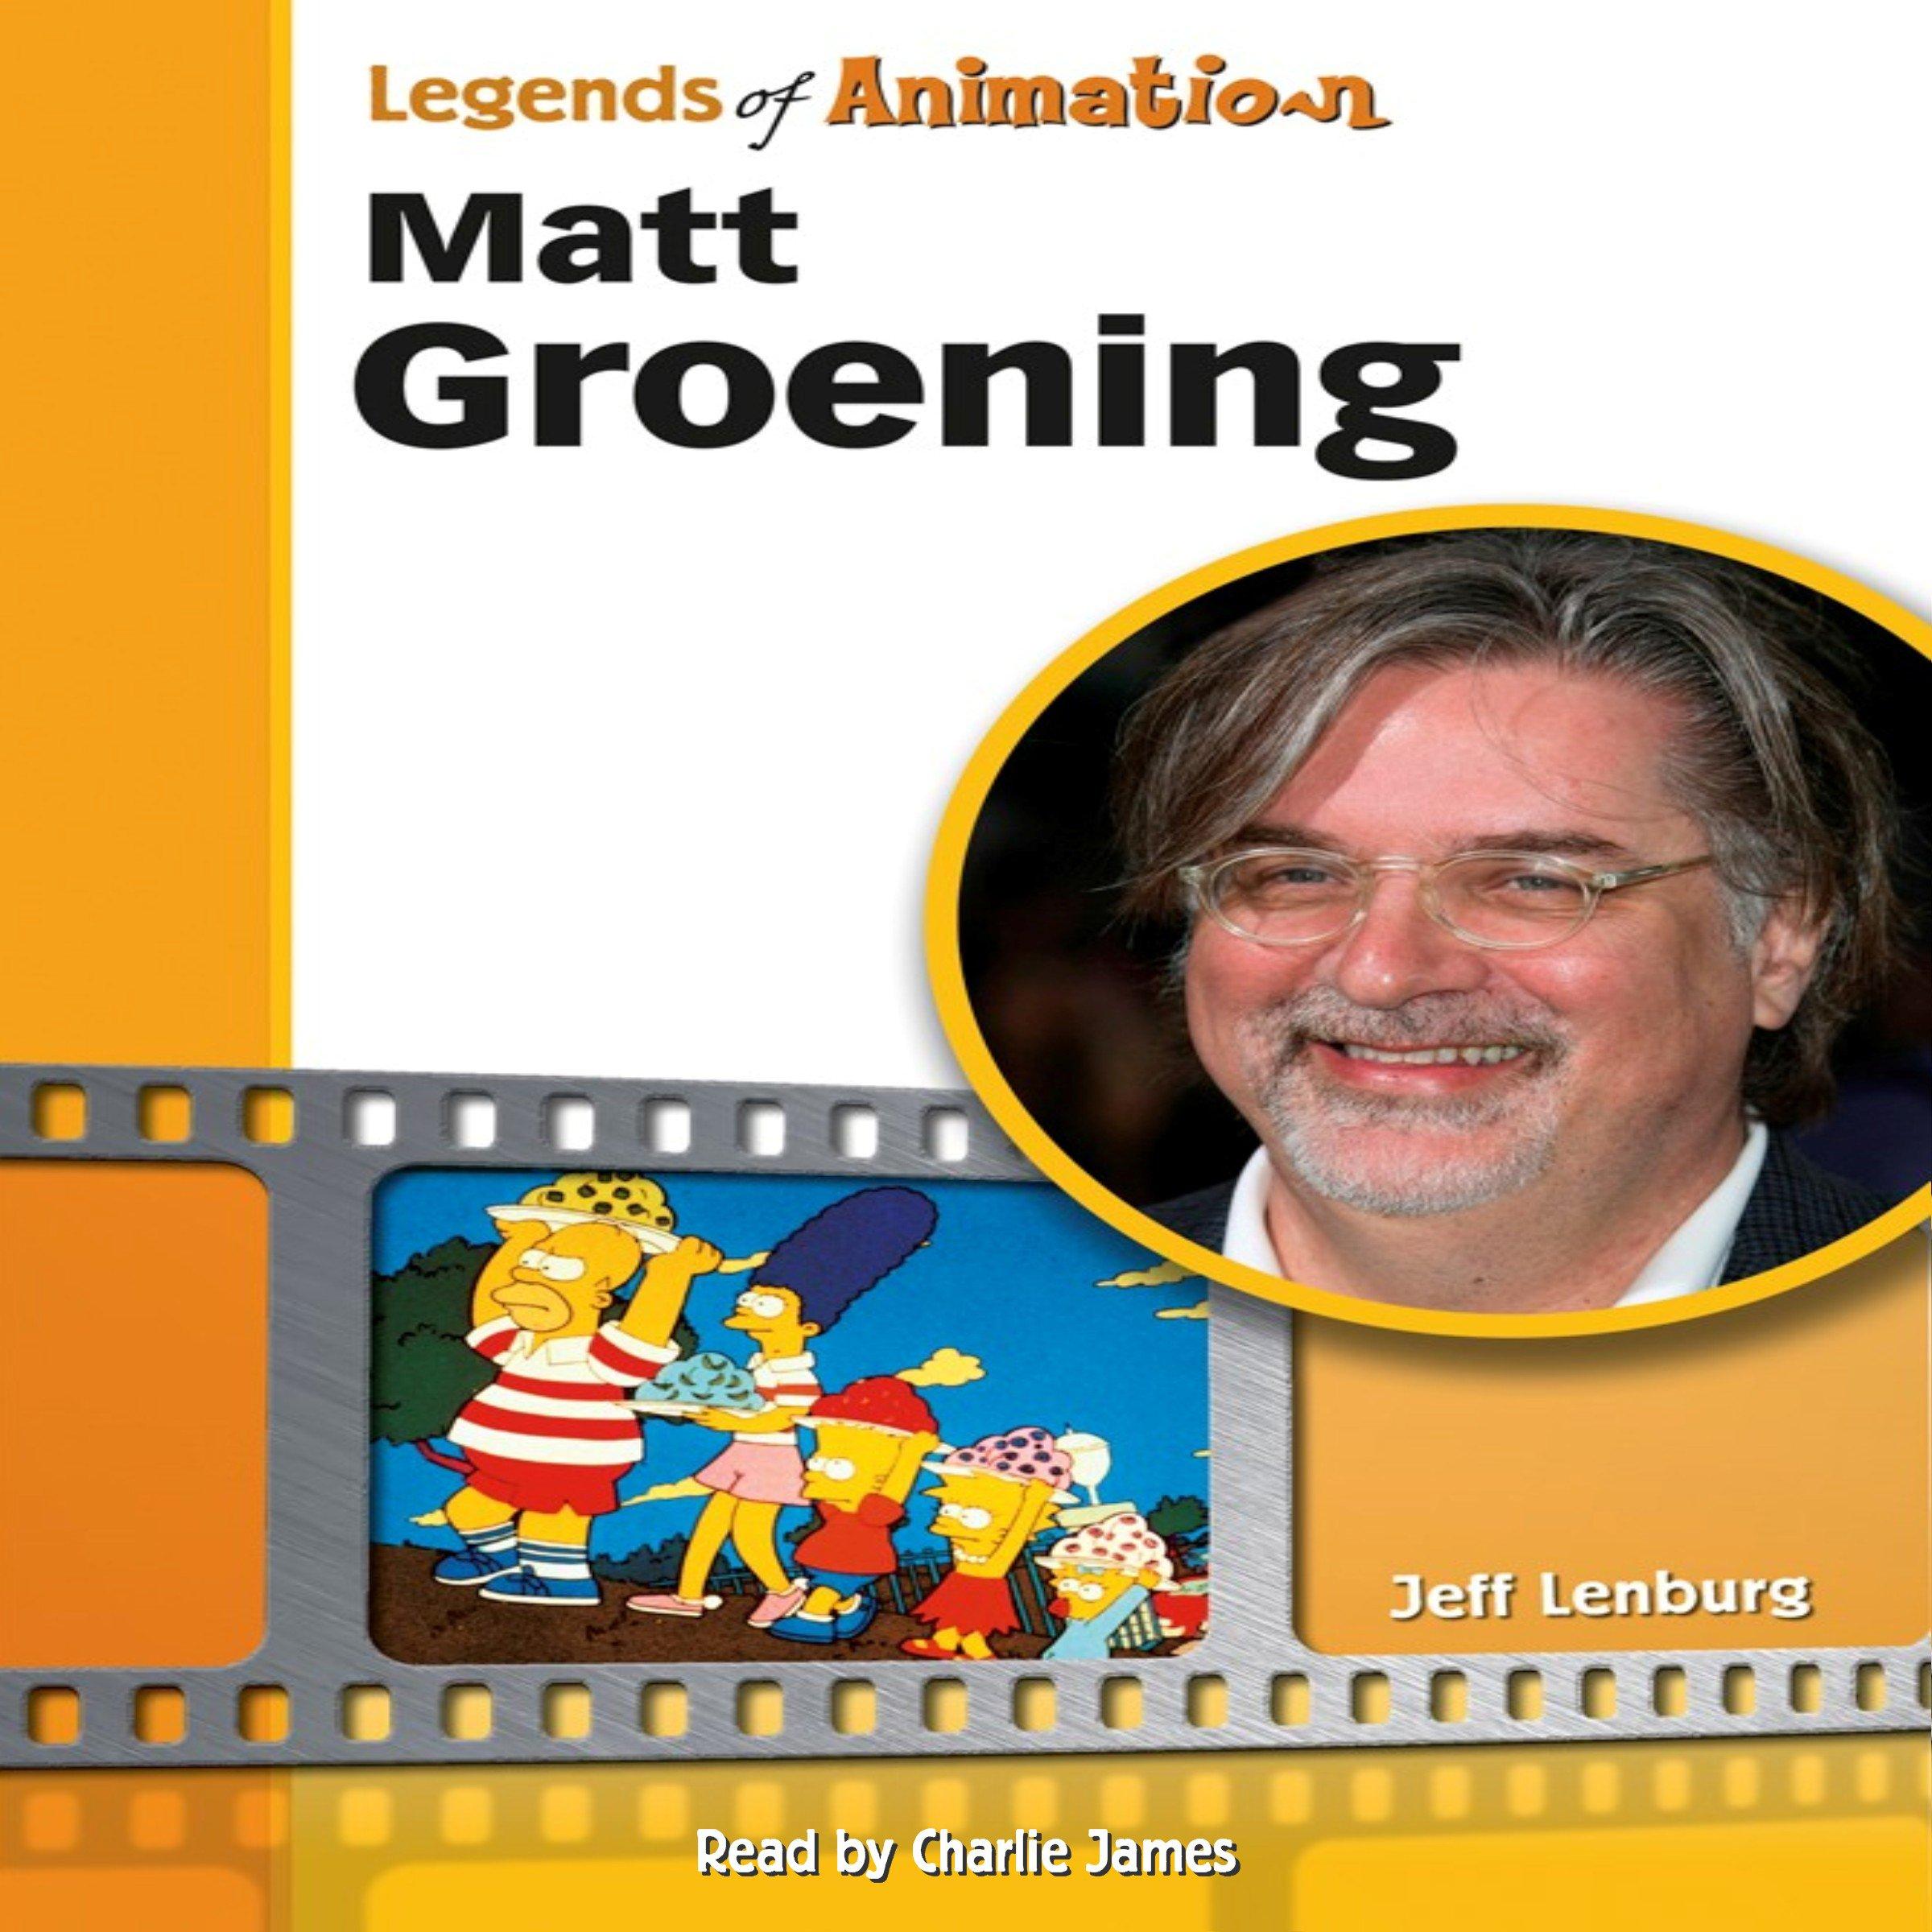 Matt Groening: From Spitballs to Springfield